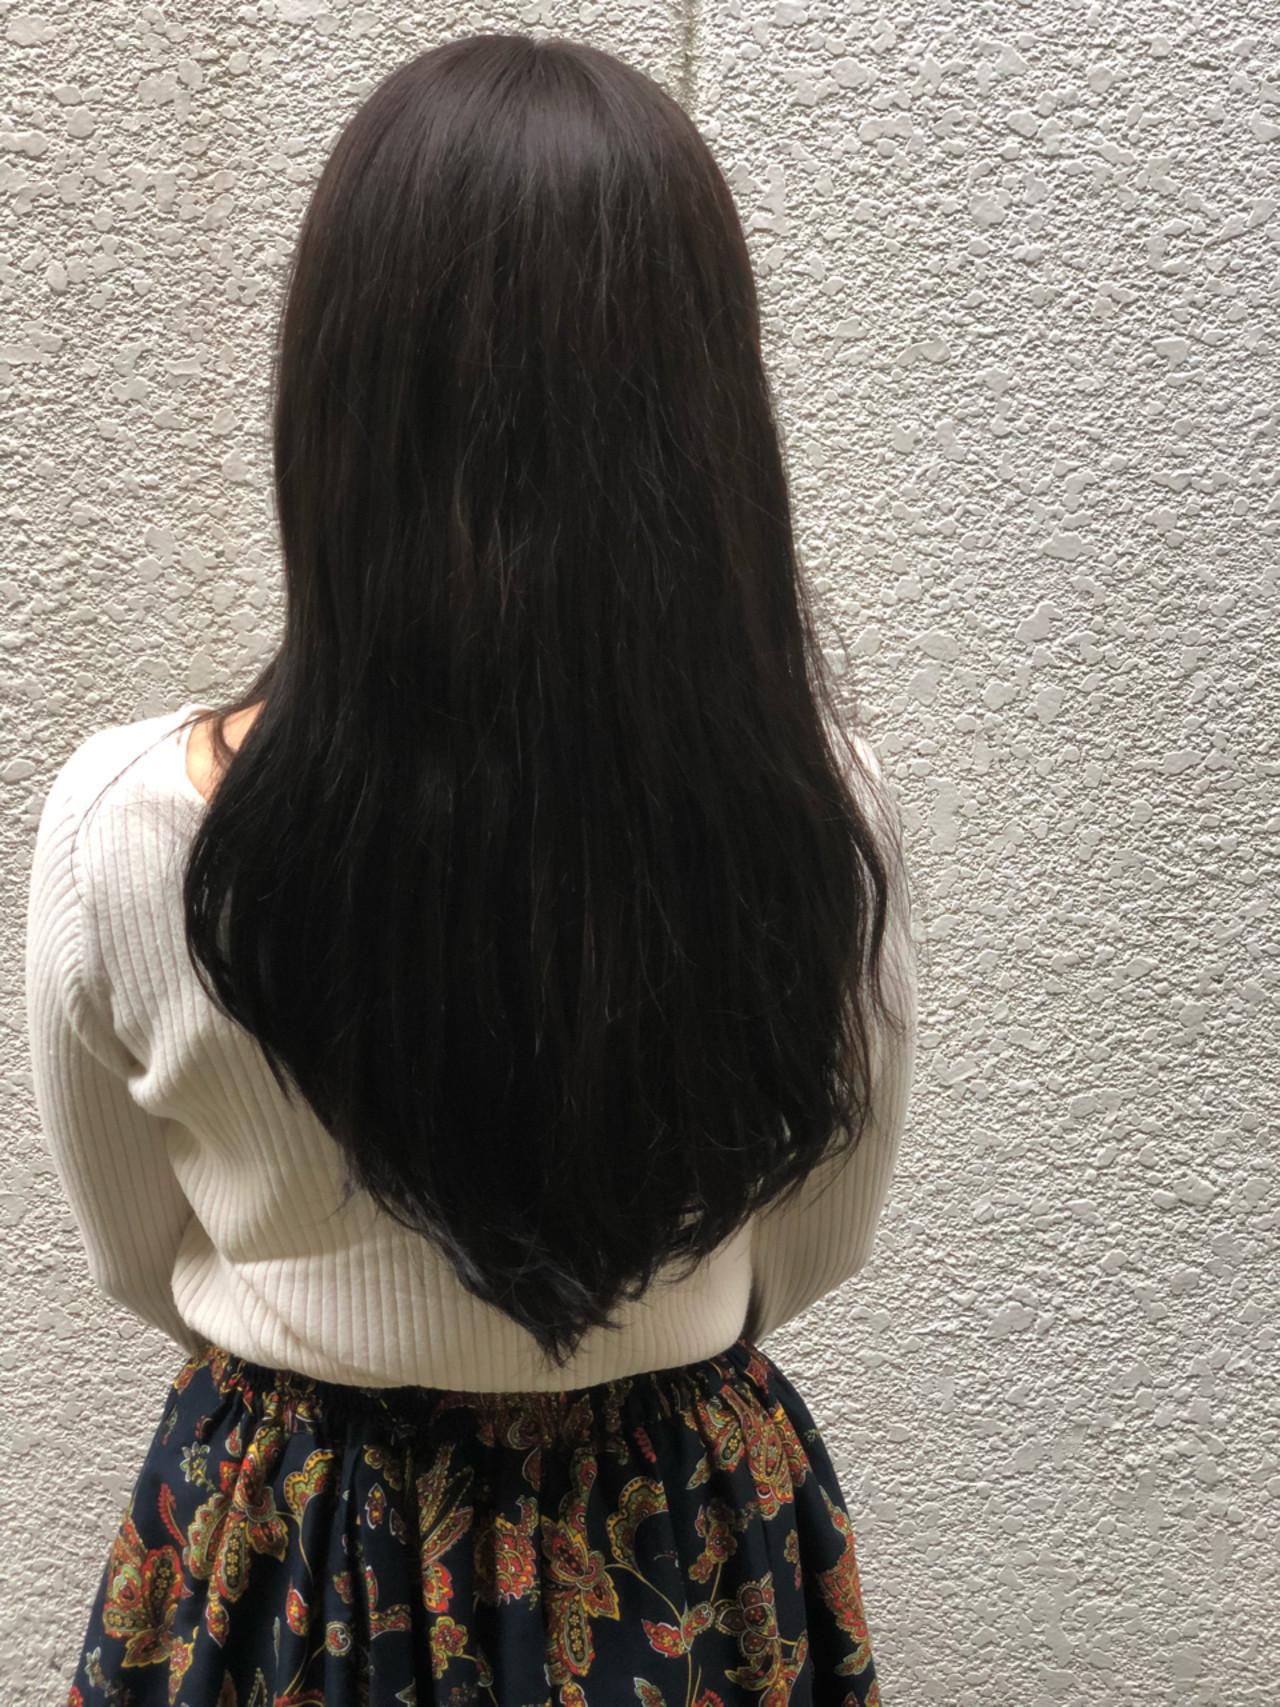 ナチュラル ダークアッシュ 暗髪 ウェーブ ヘアスタイルや髪型の写真・画像 | Akira Koikeda / earth 北小金